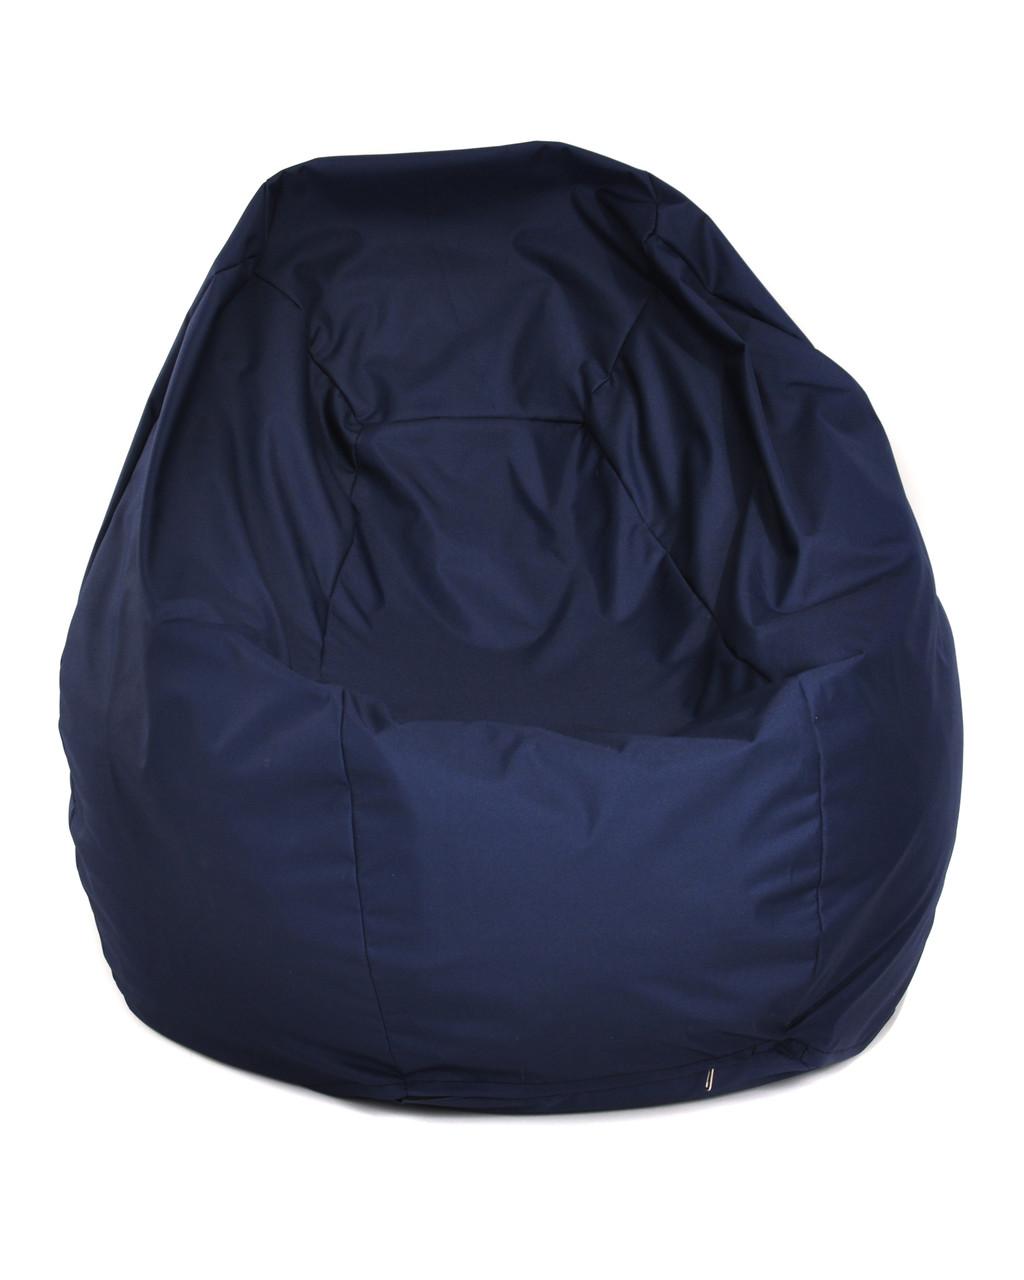 Пуф Груша Размер ХL 110*90 см, оксфорд синий